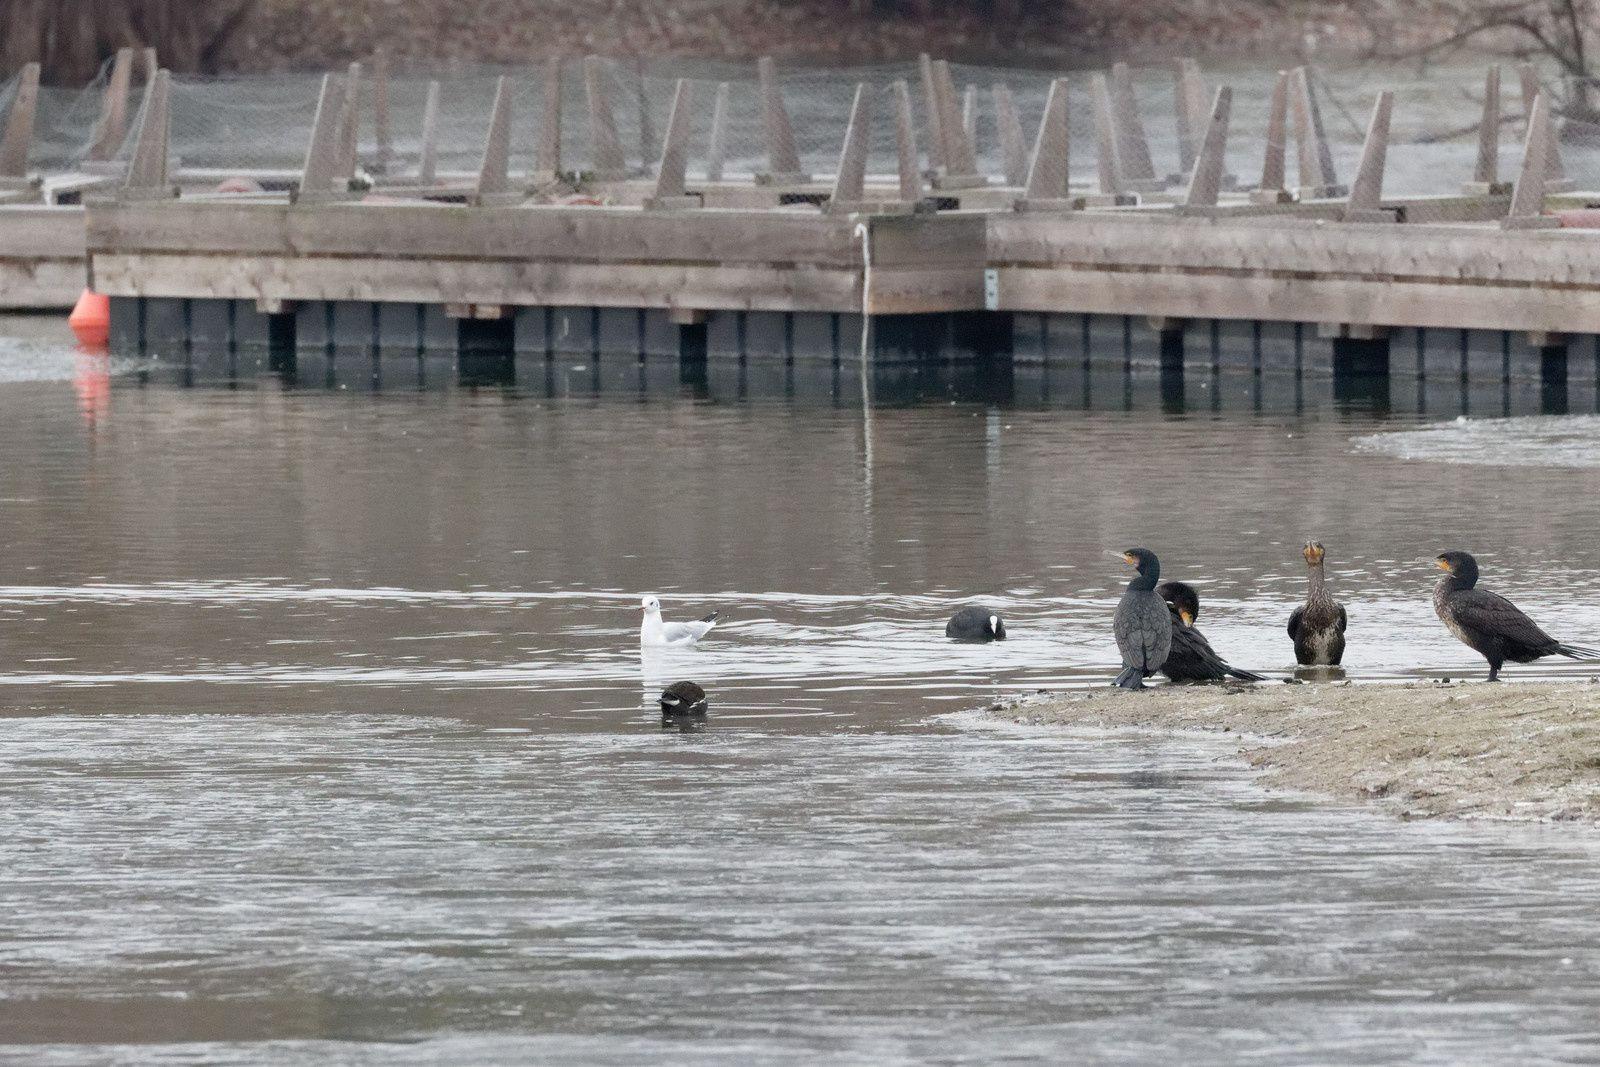 Mouette rieuse qui connait bien cette barge pour avoir nidifié et des Grands cormorans qui se débarassent de l'eau entre les plumes.